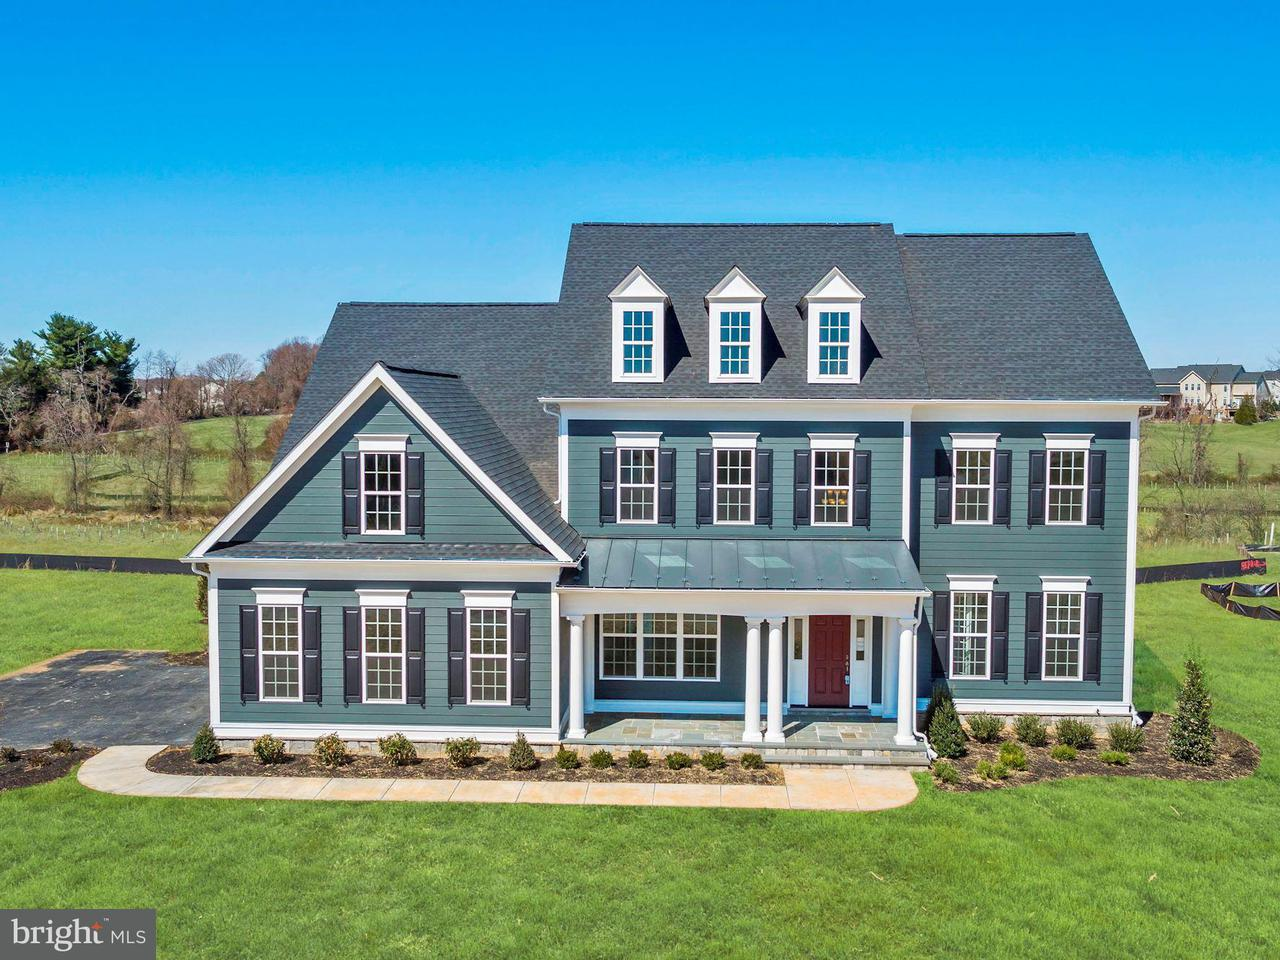 一戸建て のために 売買 アット 11740 FEDERAL Street 11740 FEDERAL Street Fulton, メリーランド 20759 アメリカ合衆国